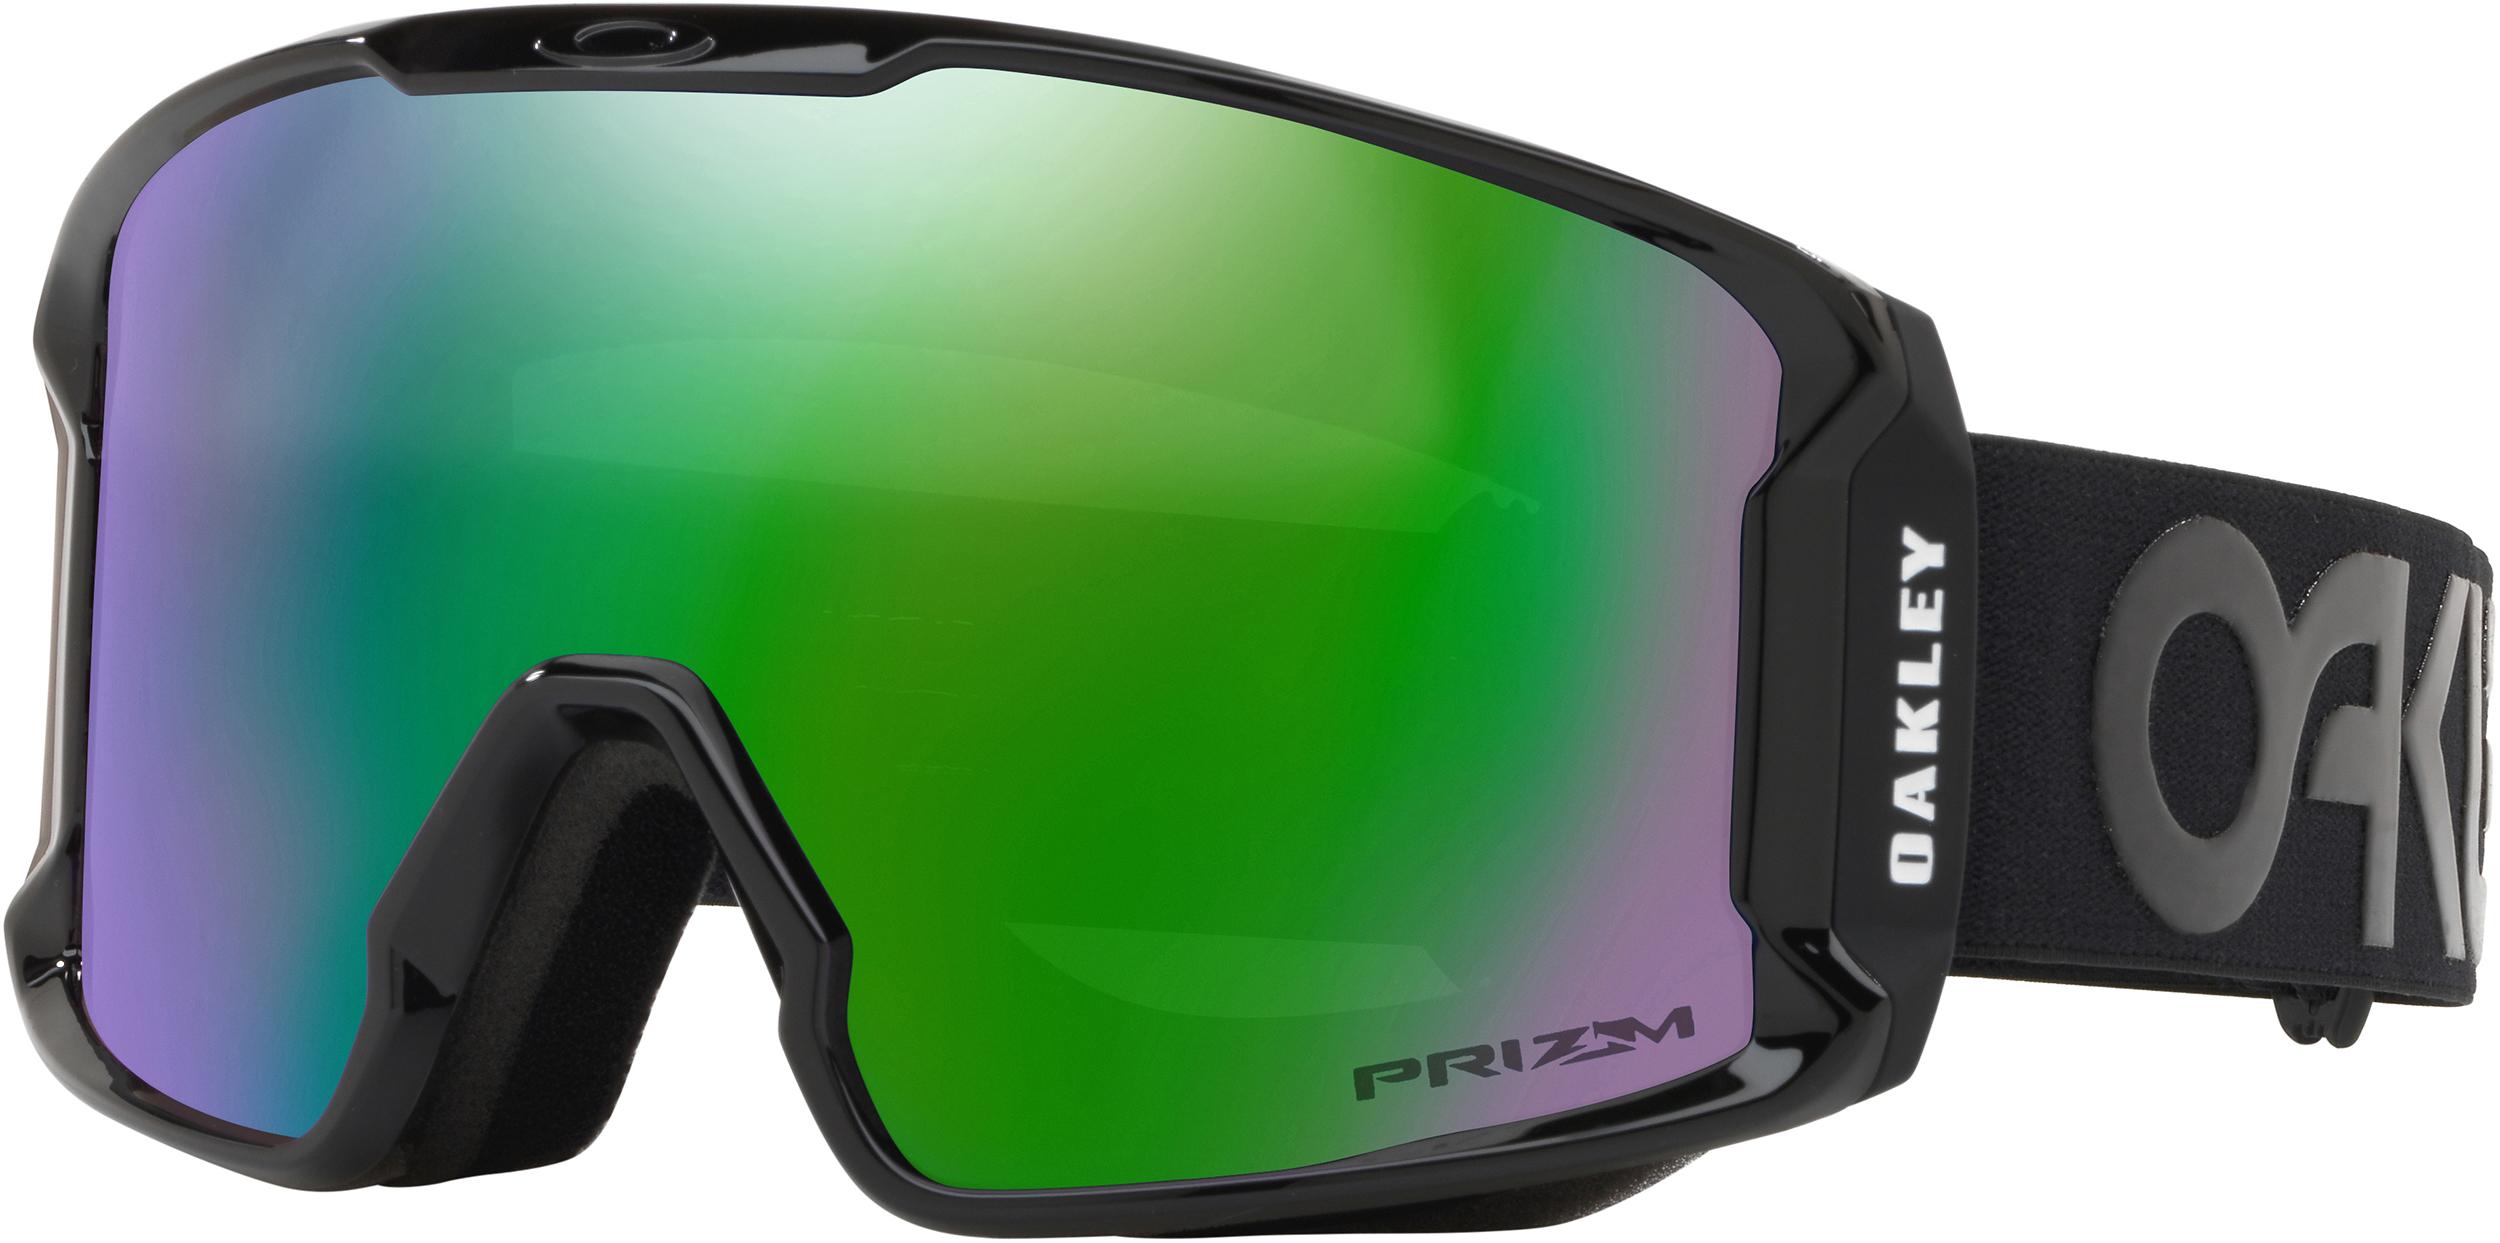 f3d7b439ef Ski and snowboard goggles